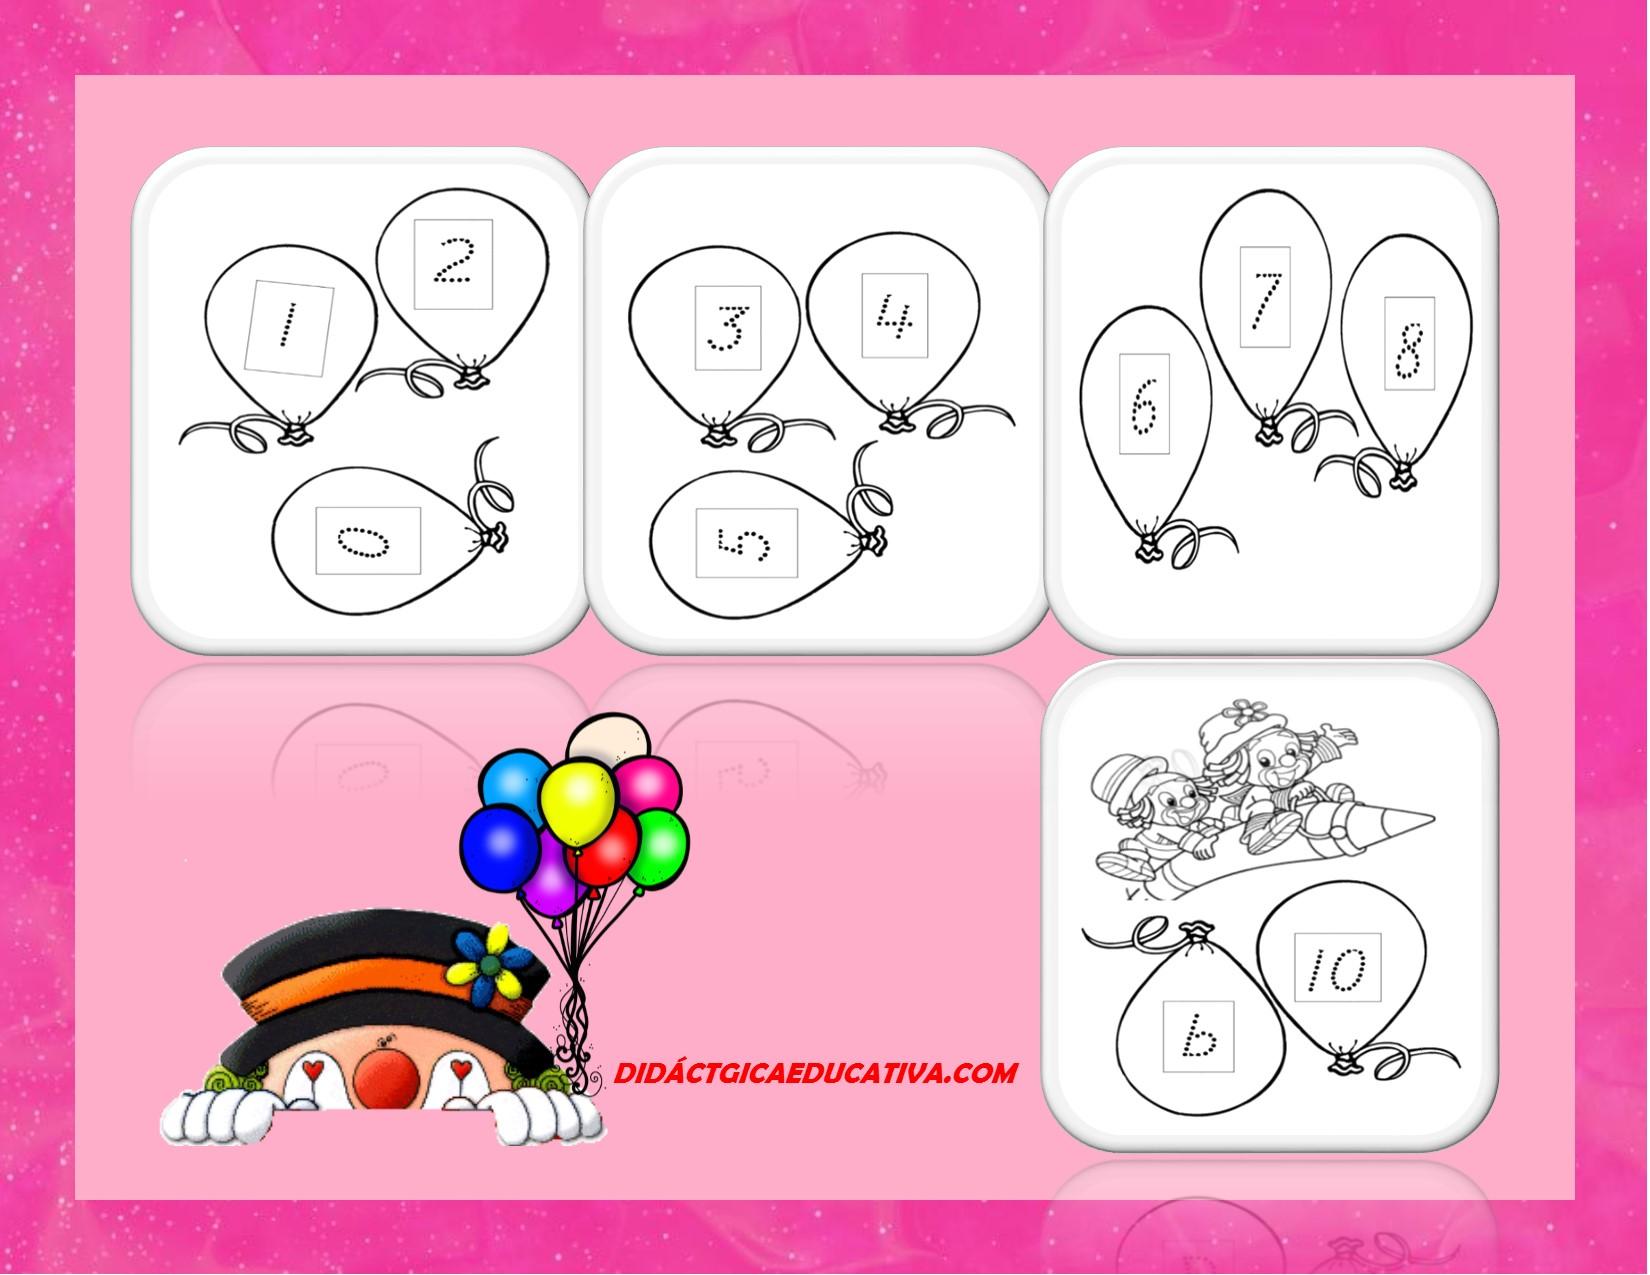 Numeros Para Pintar Cheap Dibujo Para Colorear Con Los: Imagenes De Numeros Para Colorear. Trendy Descargar Globos